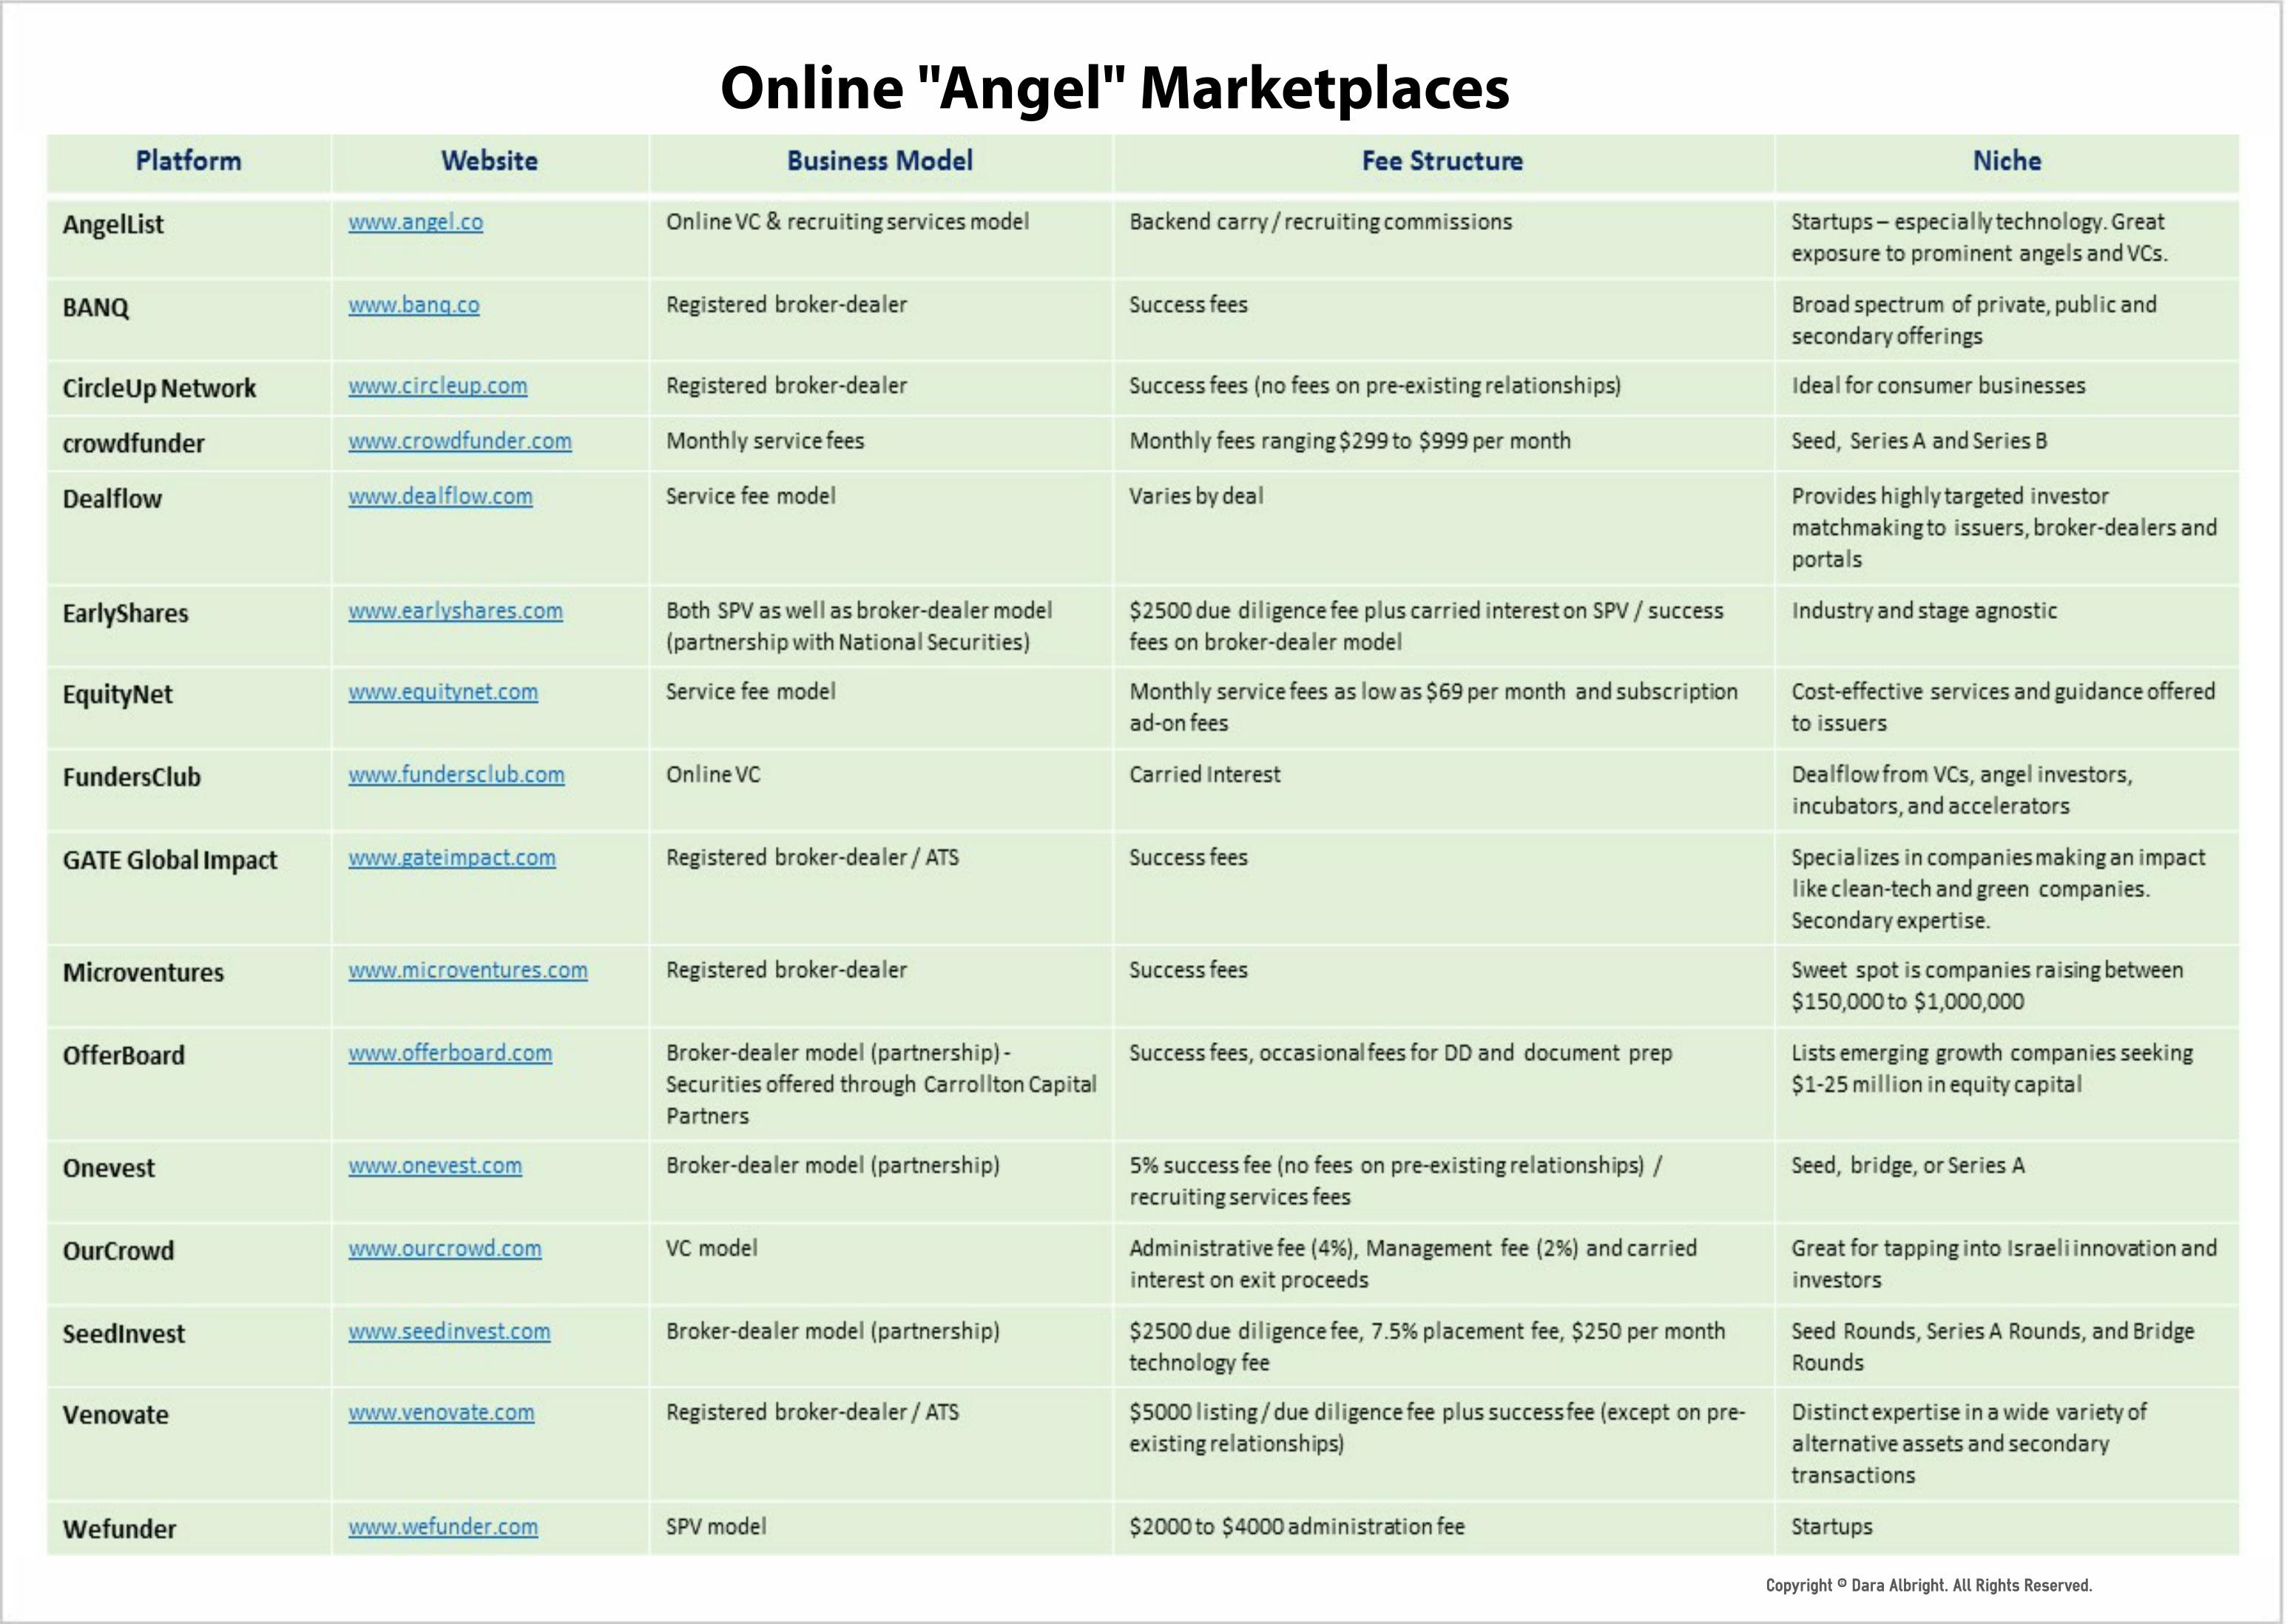 onlineangelmarketplaces